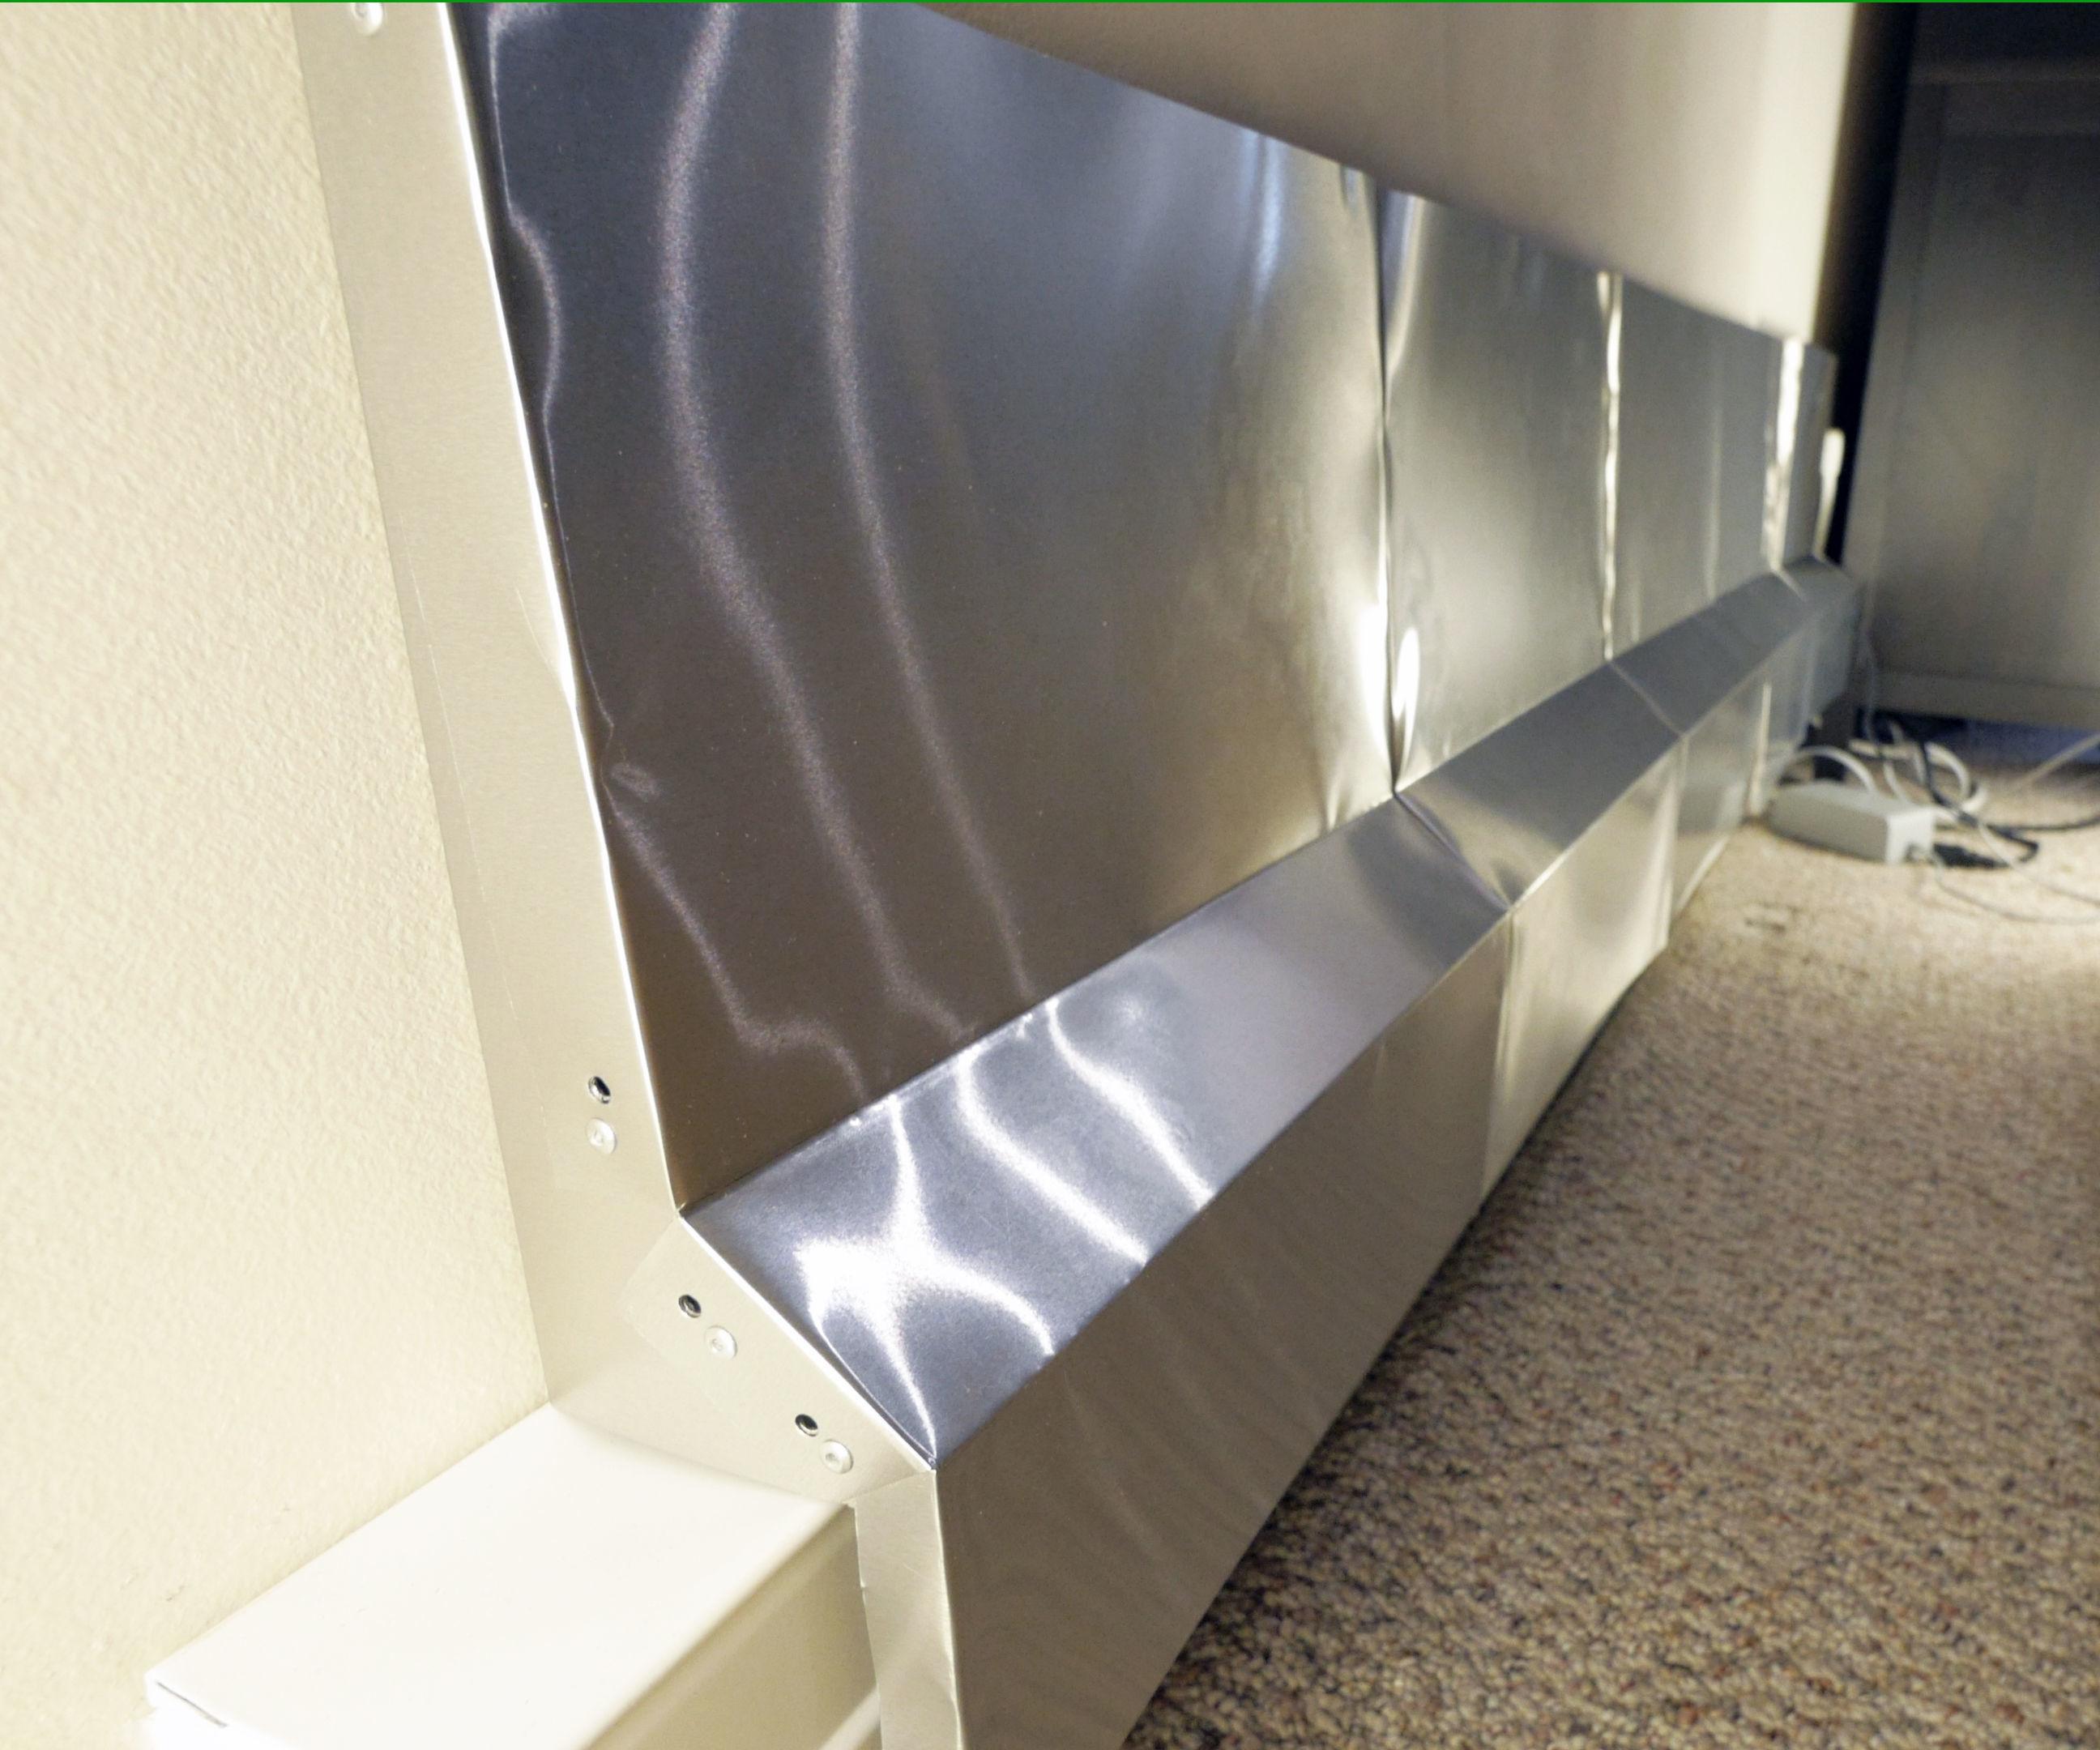 Baseboard Heat Shield / Chimney